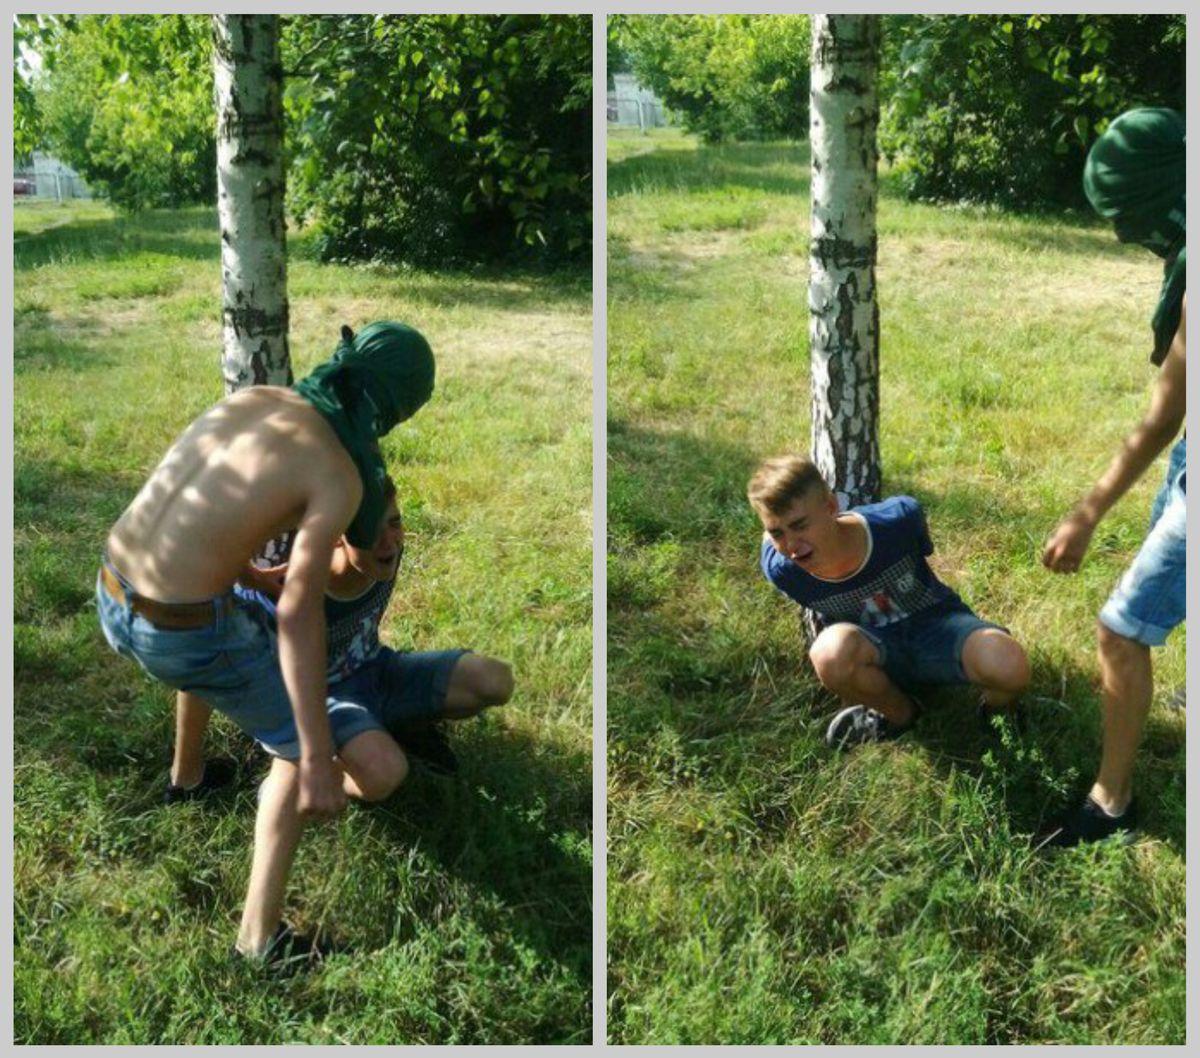 Девятиклассник Влад, который спустя какое-то время покончил жизнь самоубийством, привязан к дереву. Что происходит на фотографии и кто стоит рядом с ним, неизвестно. Автор фото неизвестен